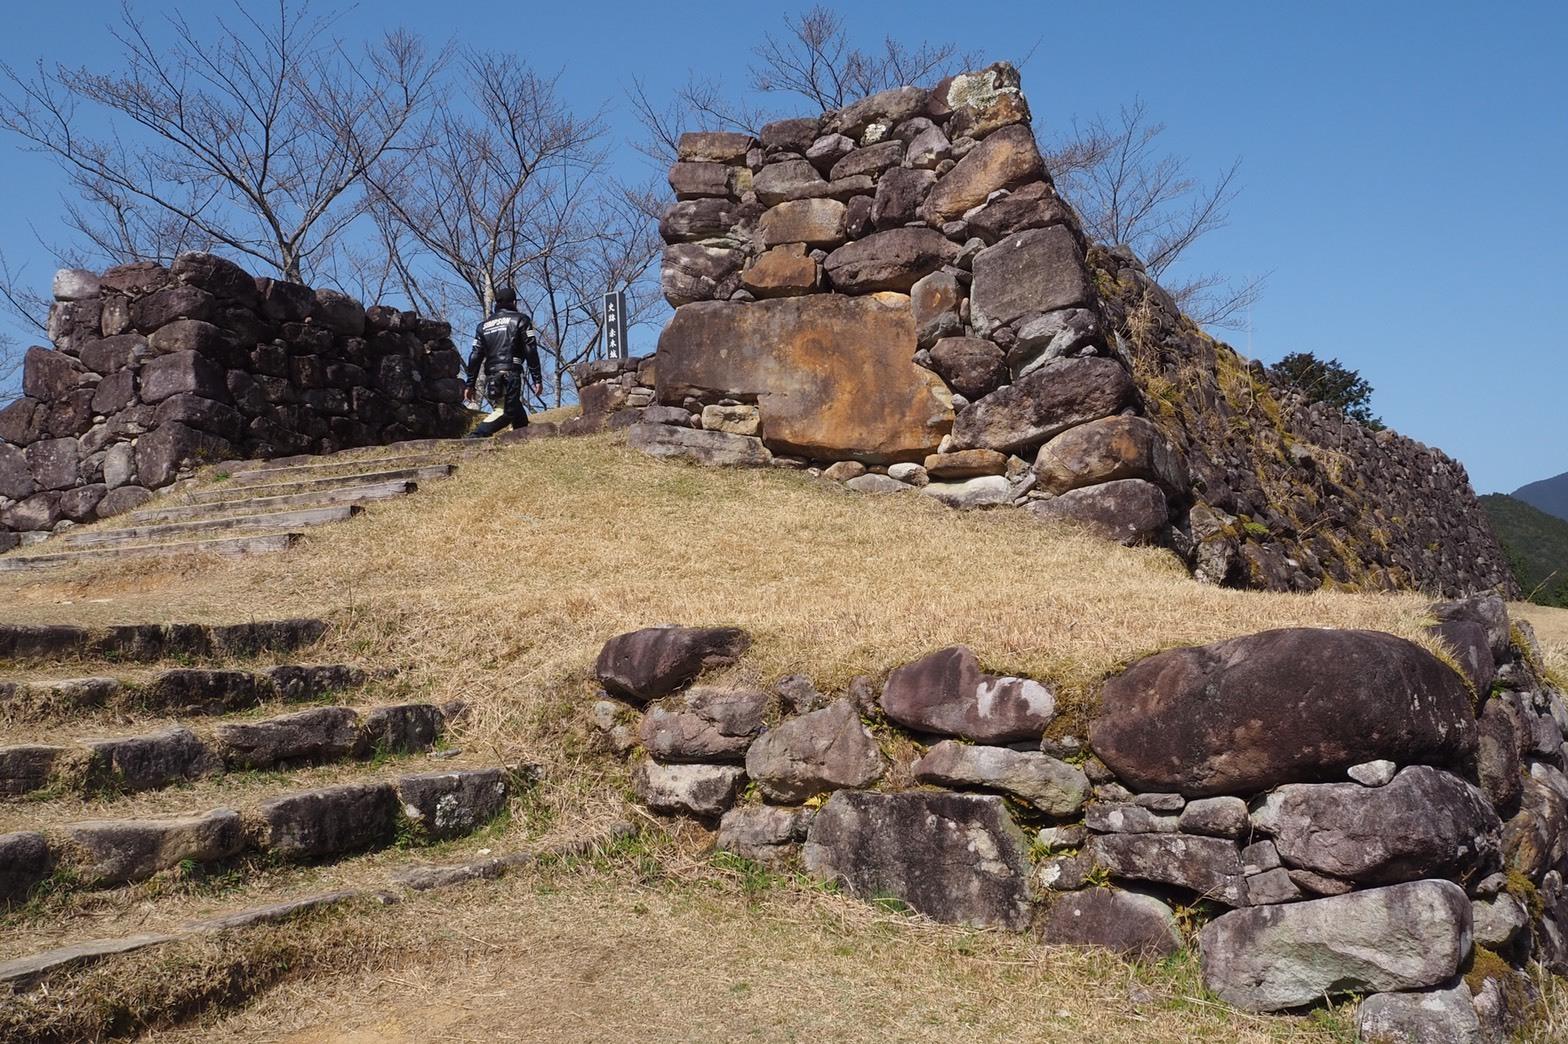 ぴーきち&ダイナ 紀伊半島ツーリング 三重県熊野市 赤木城跡 石垣 頂上付近